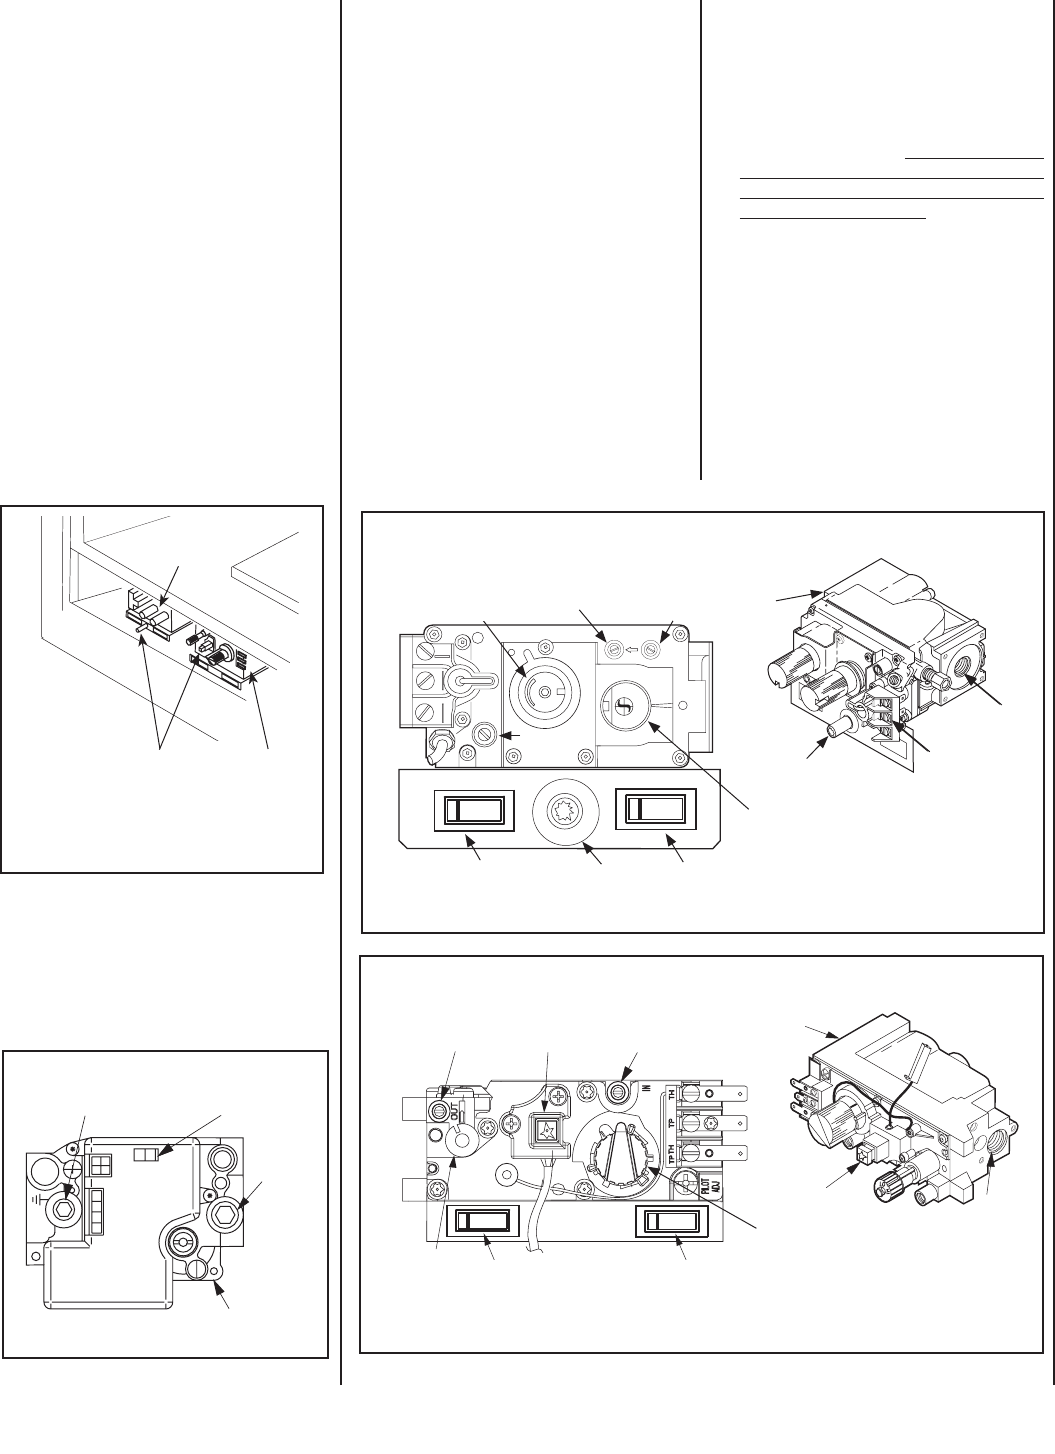 millivolt gas valve wiring diagram superior ssdvr 3530cne  ssdvr 3530cnm  ssdvr 4035cne  ssdvr  superior ssdvr 3530cne  ssdvr 3530cnm